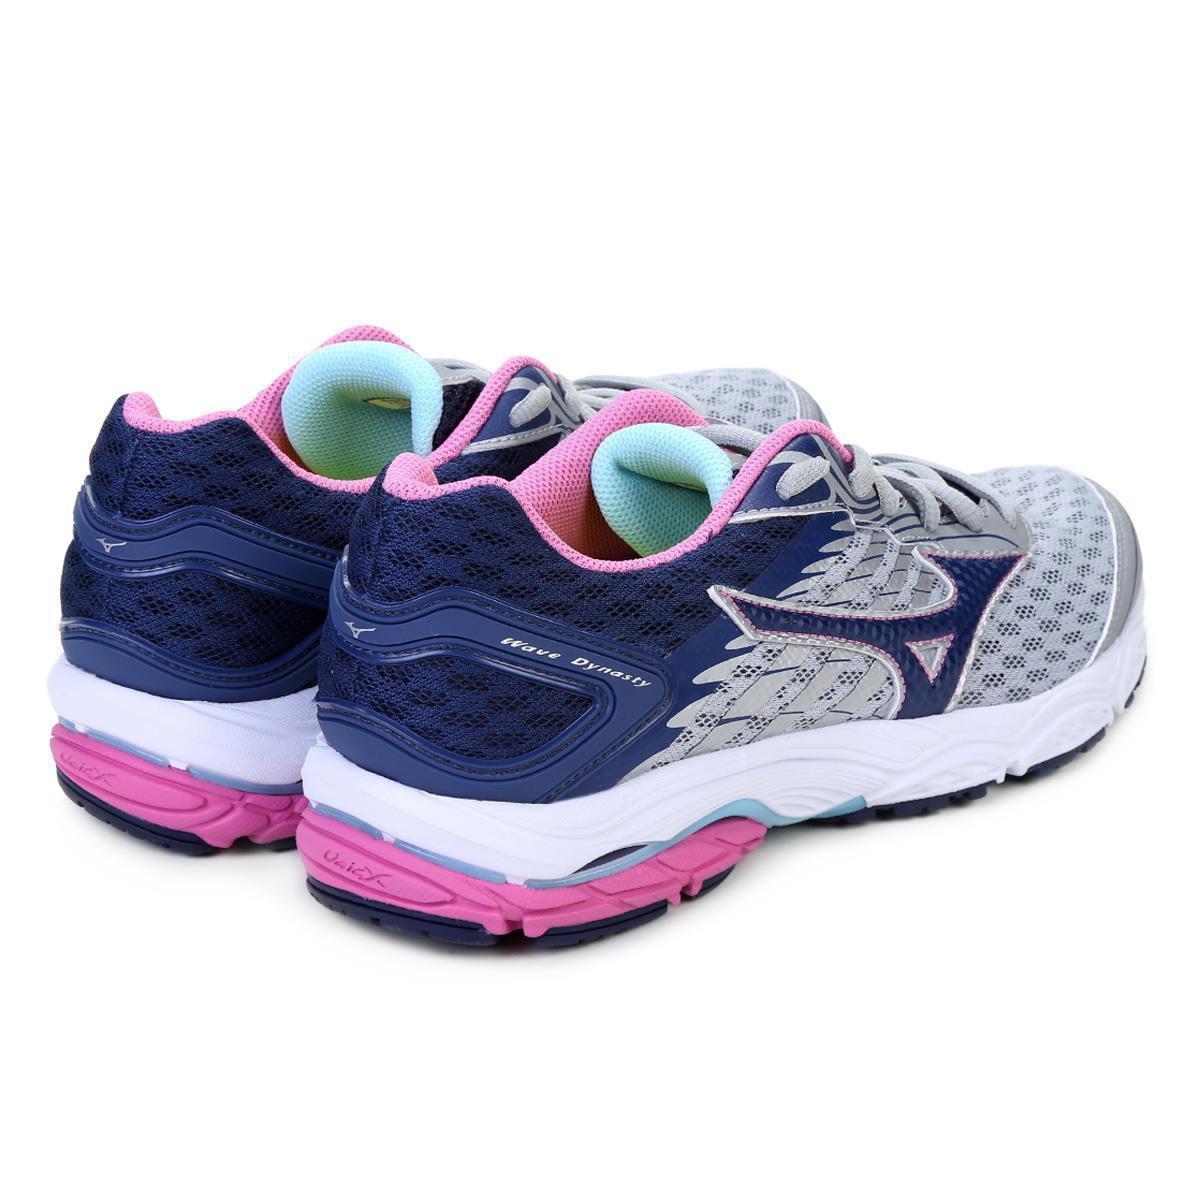 c984018a0a295 Tênis Mizuno Wave Dynasty Feminino Prata Rosa e Azul - Compre Agora ...